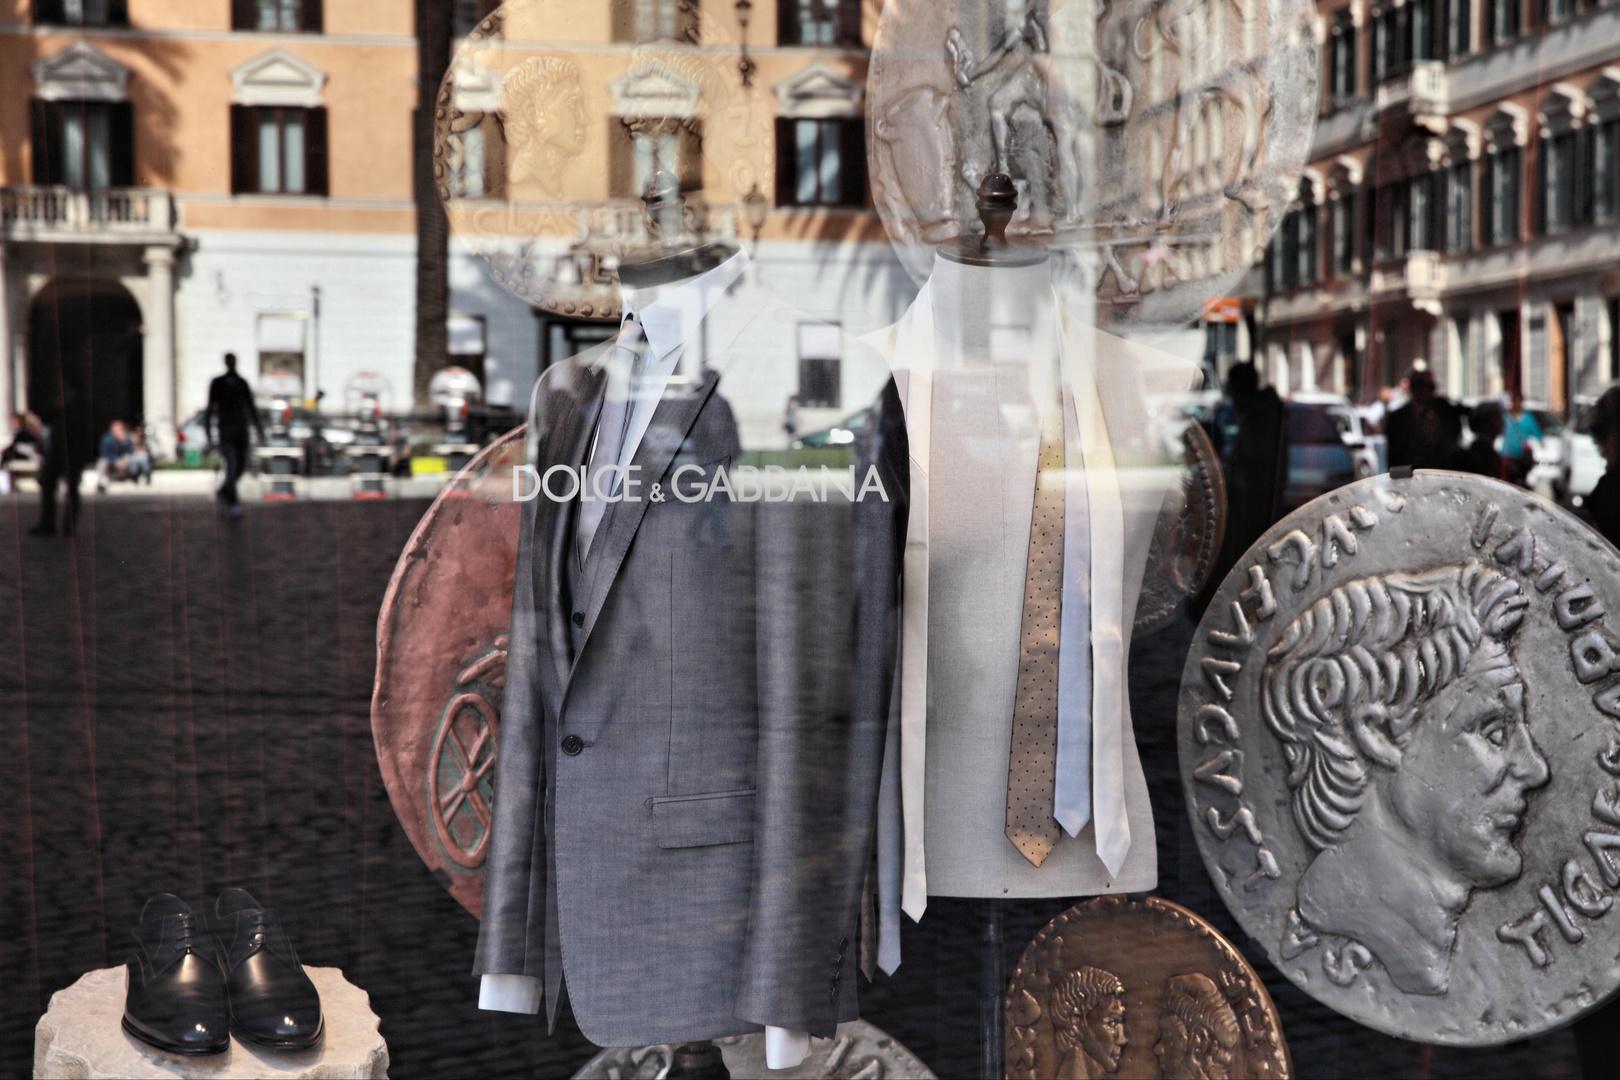 La dolce Vita con Dolce Gabbana.. (Römische Impressionen..)